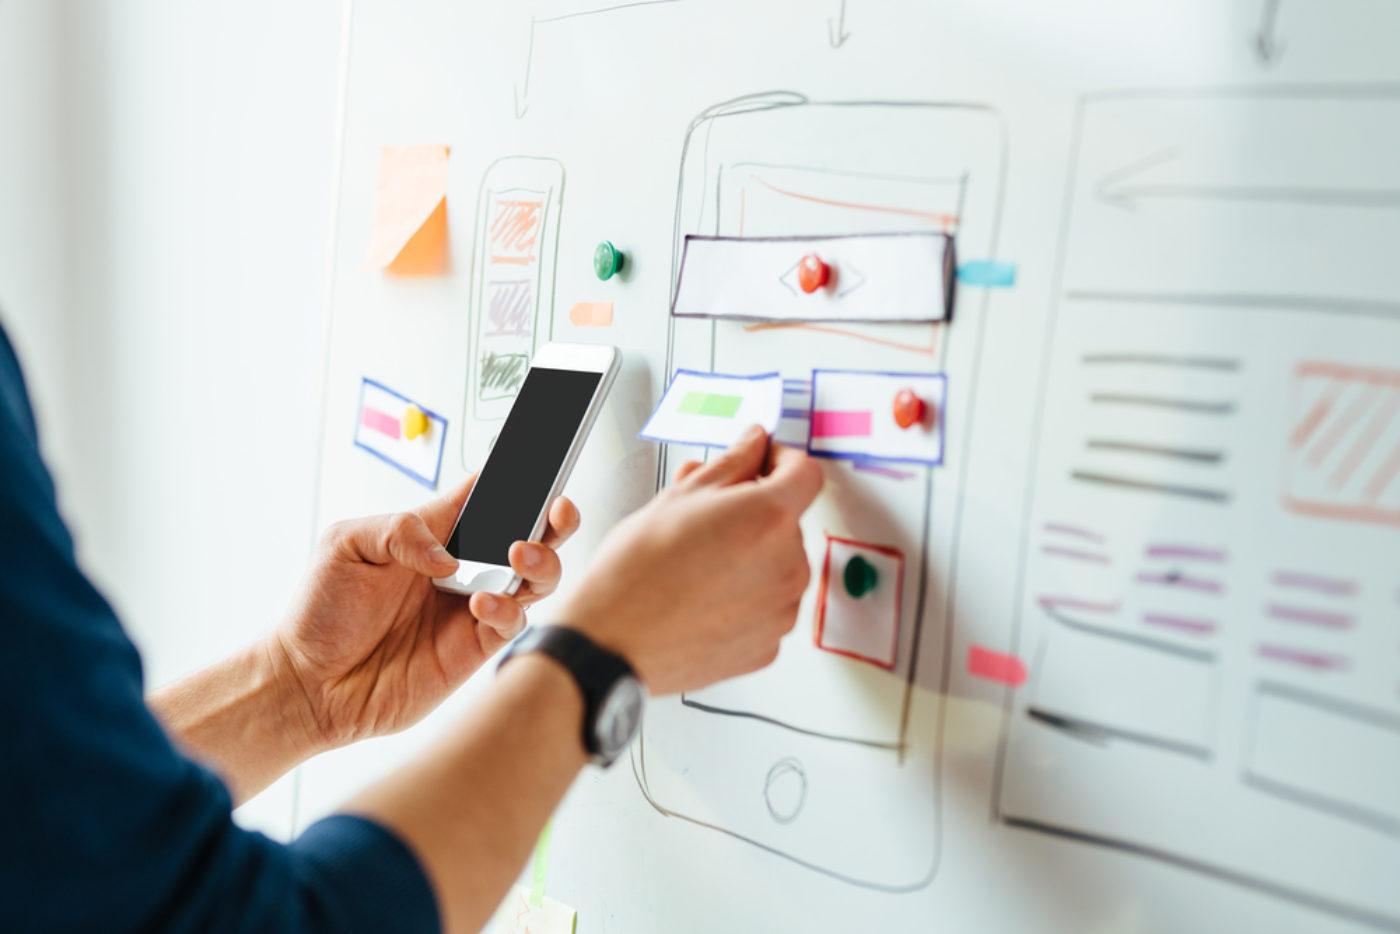 Мероприятия: Мастер-класс «Идеальный рабочий процесс дизайнера, или Как начать продуктивно работать» в Харькове